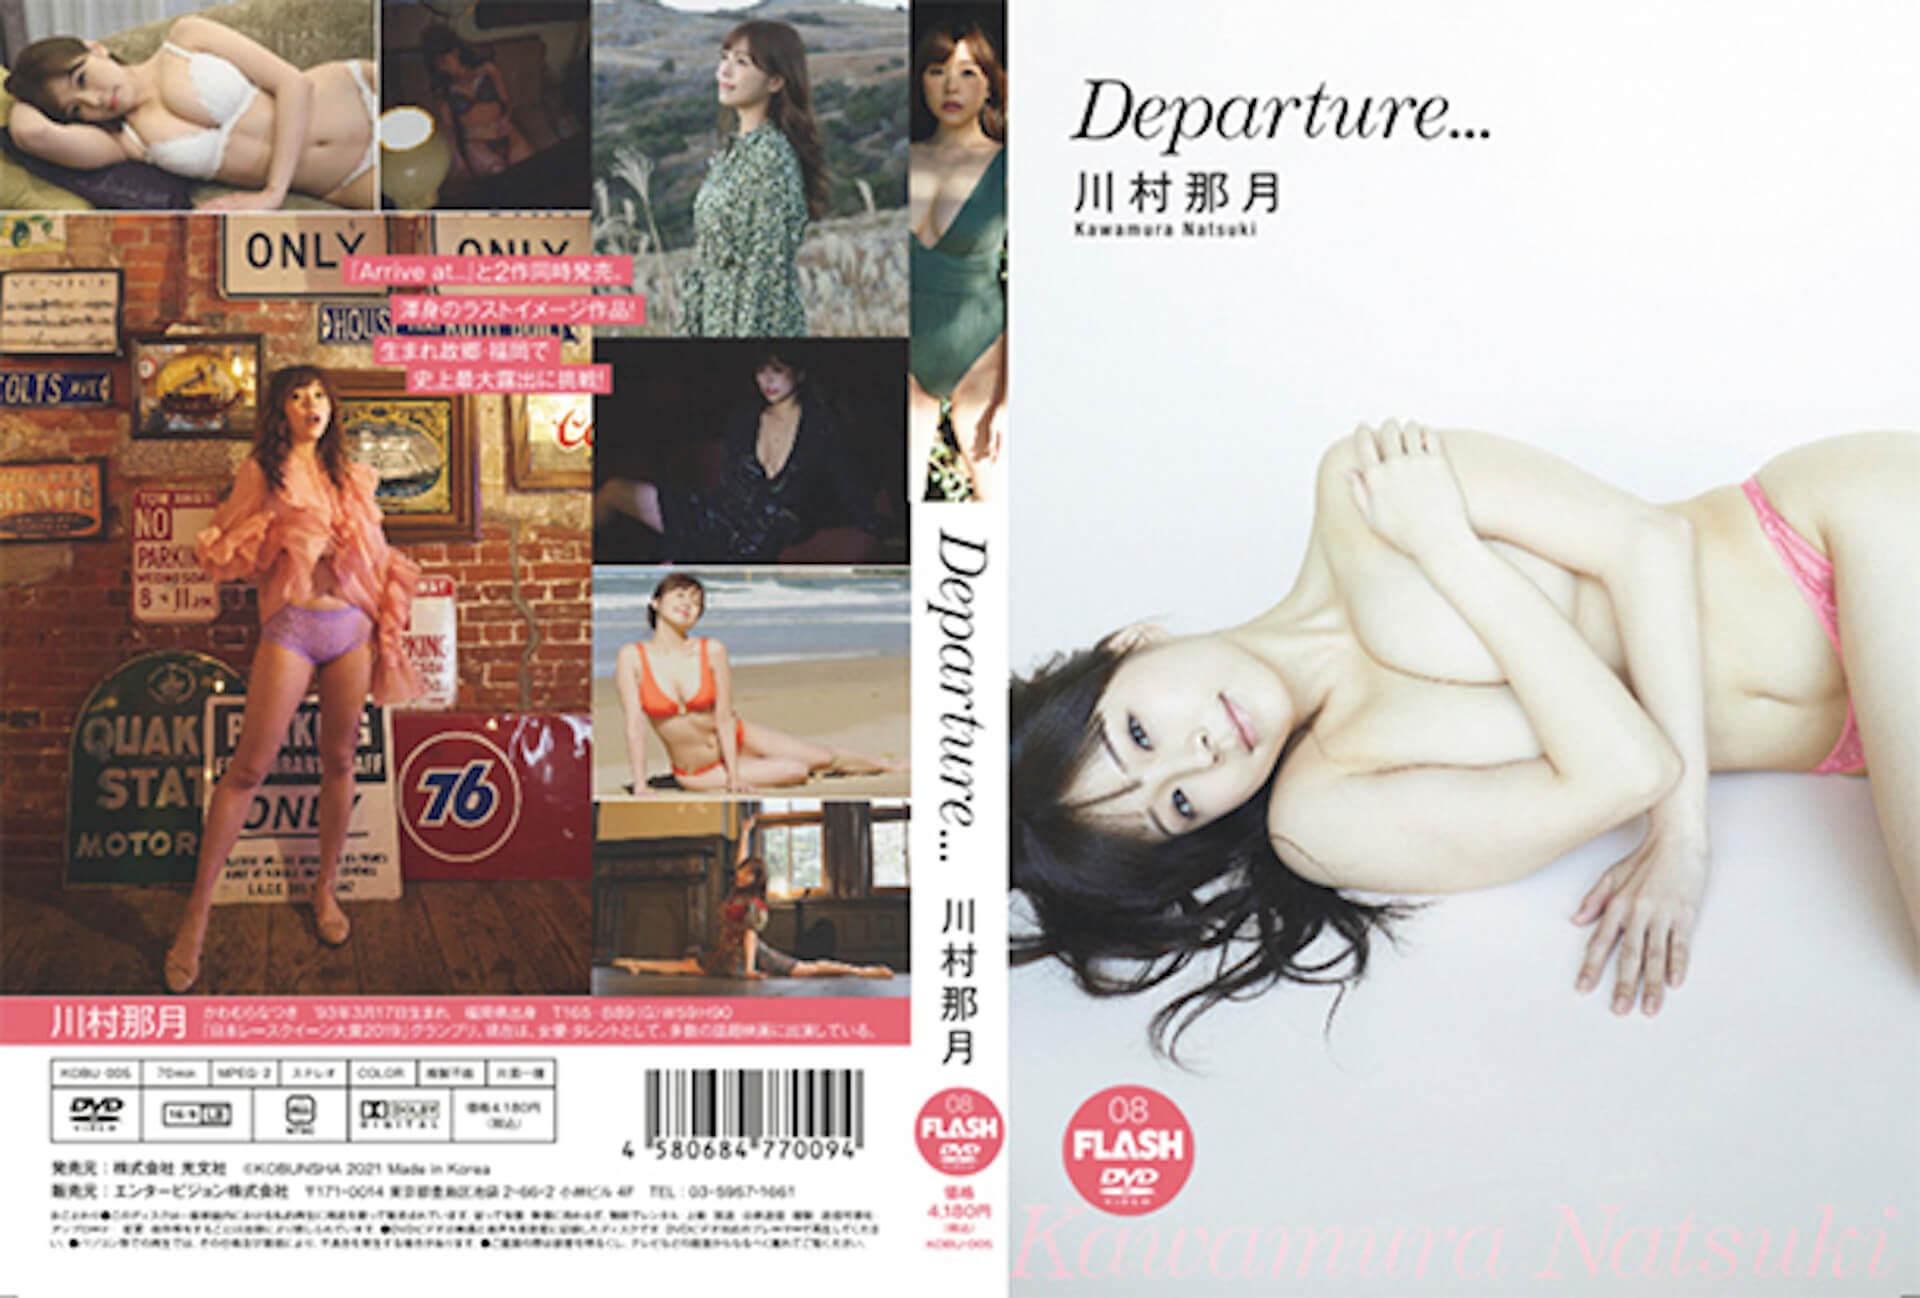 川村那月のラストグラマラスボディを堪能できるイメージDVD&Blu-ray2作品が今週発売! art210602_kawamuranatsuki_3